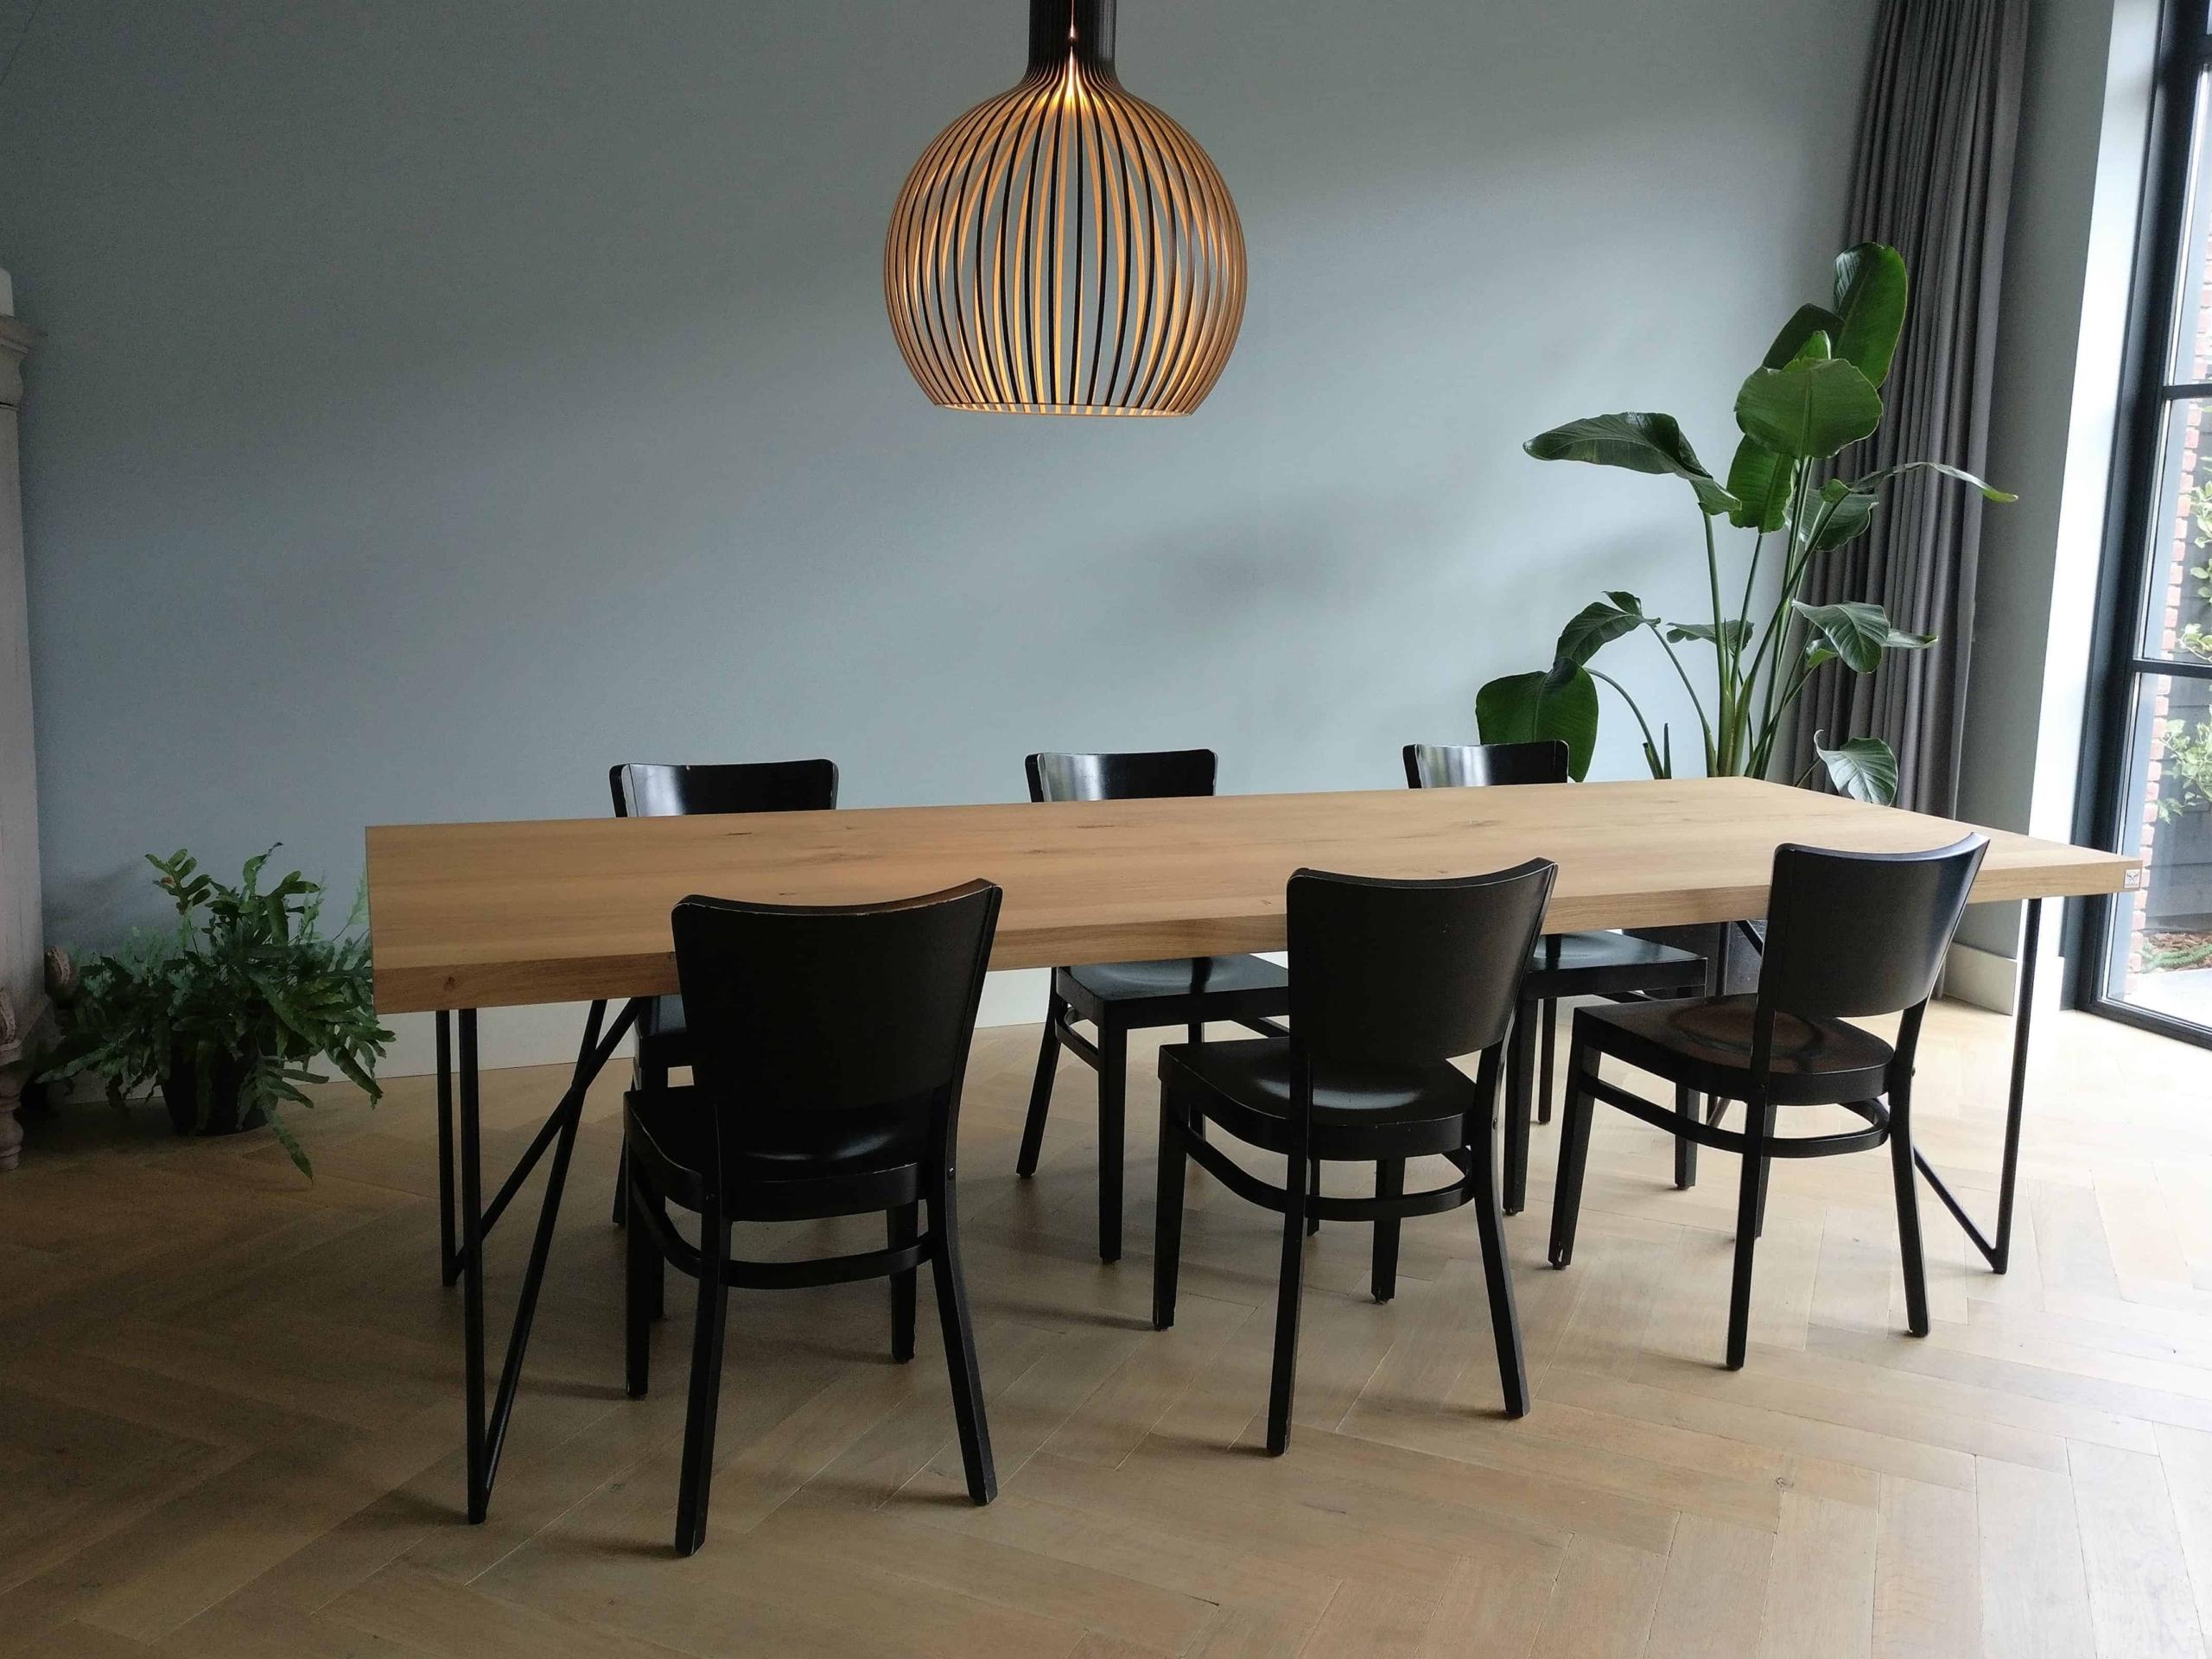 Eikenhouten tafel slanke poten